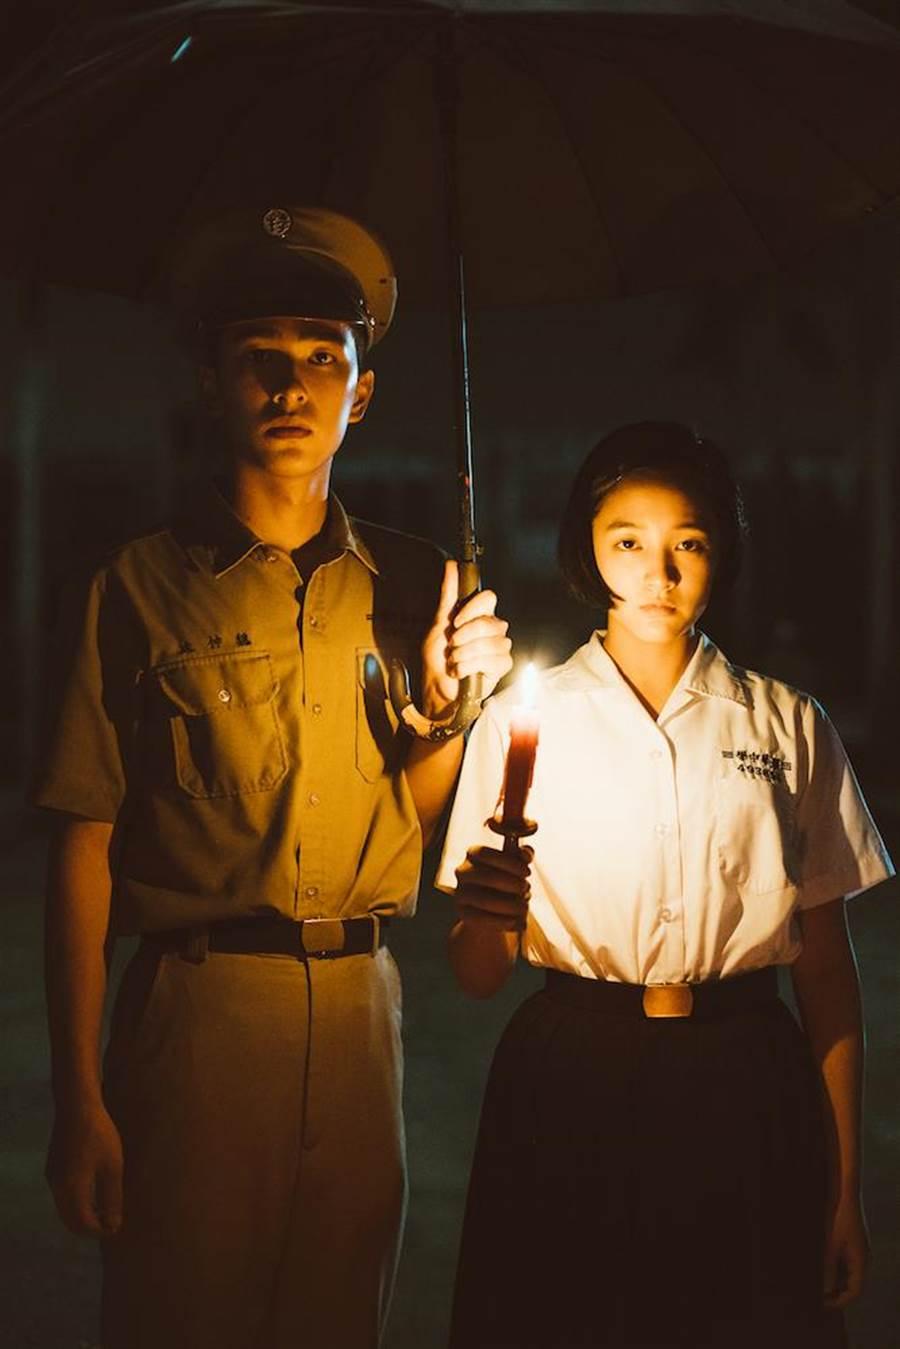 電影《返校》王淨與曾敬驊擔任主角備受矚目。(牽猴子整合行銷提供)